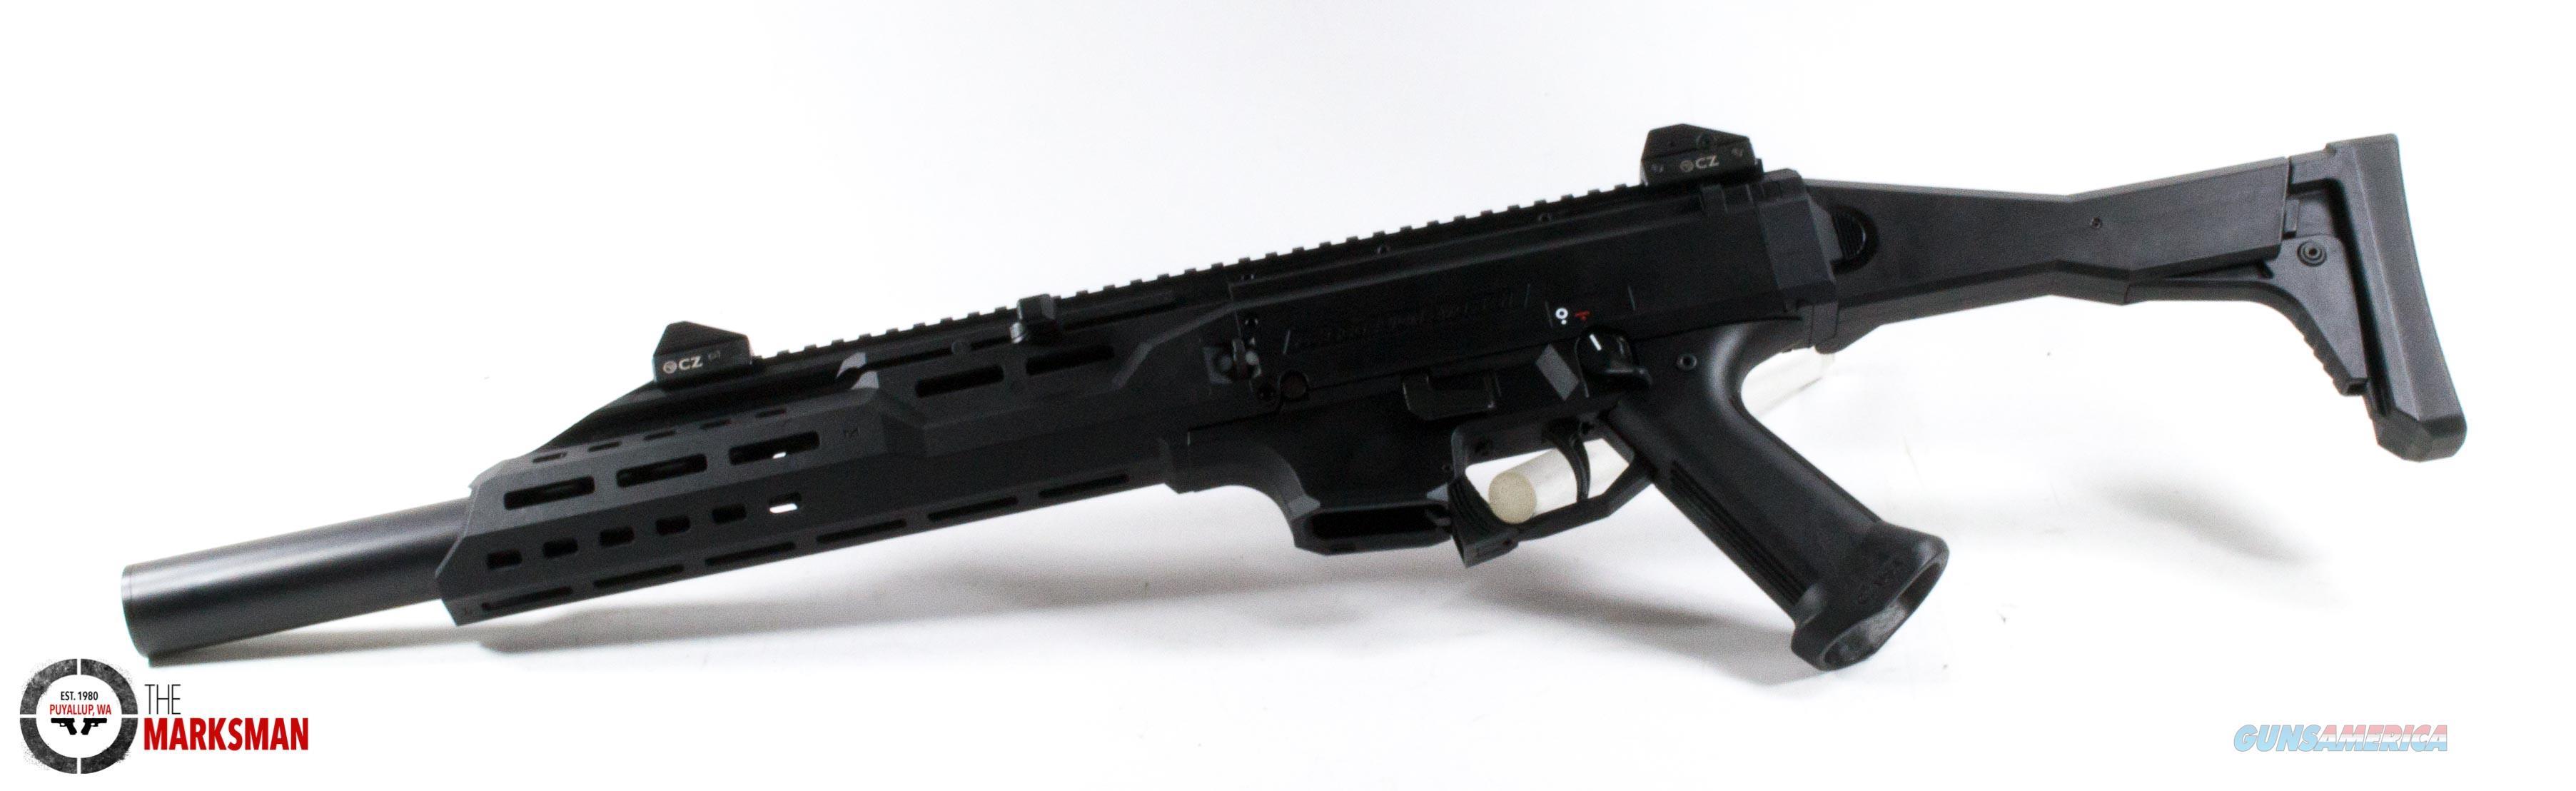 CZ Scorpion Evo 3 S1 Carbine w/Faux Suppressor, 9mm NEW  Guns > Rifles > CZ Rifles